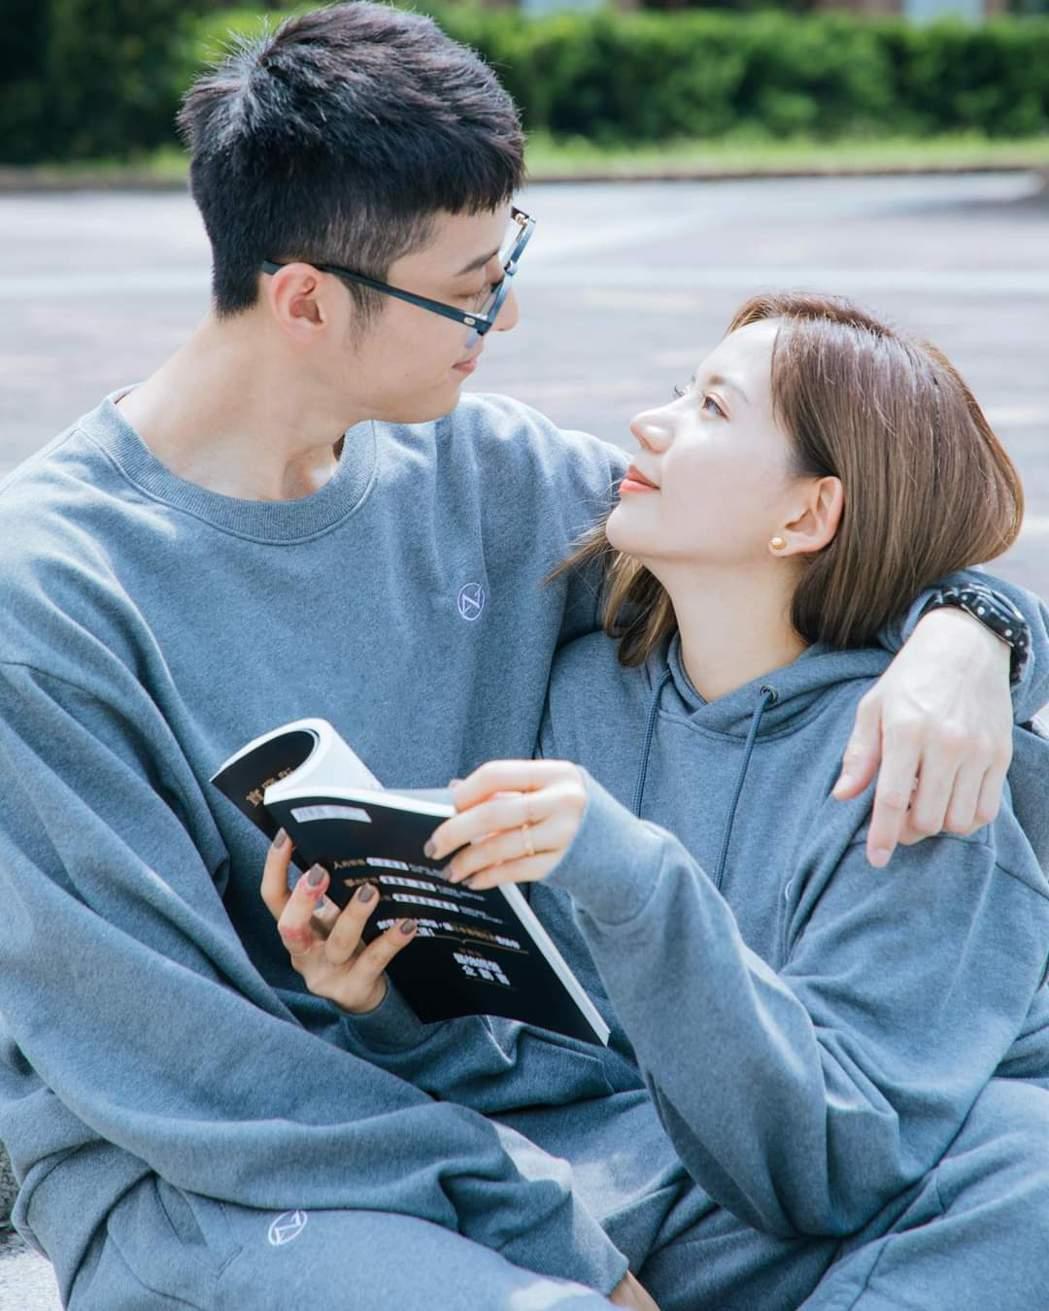 陳艾琳(左)老公顏庭笙因持毒登上新聞版面。圖/摘自臉書